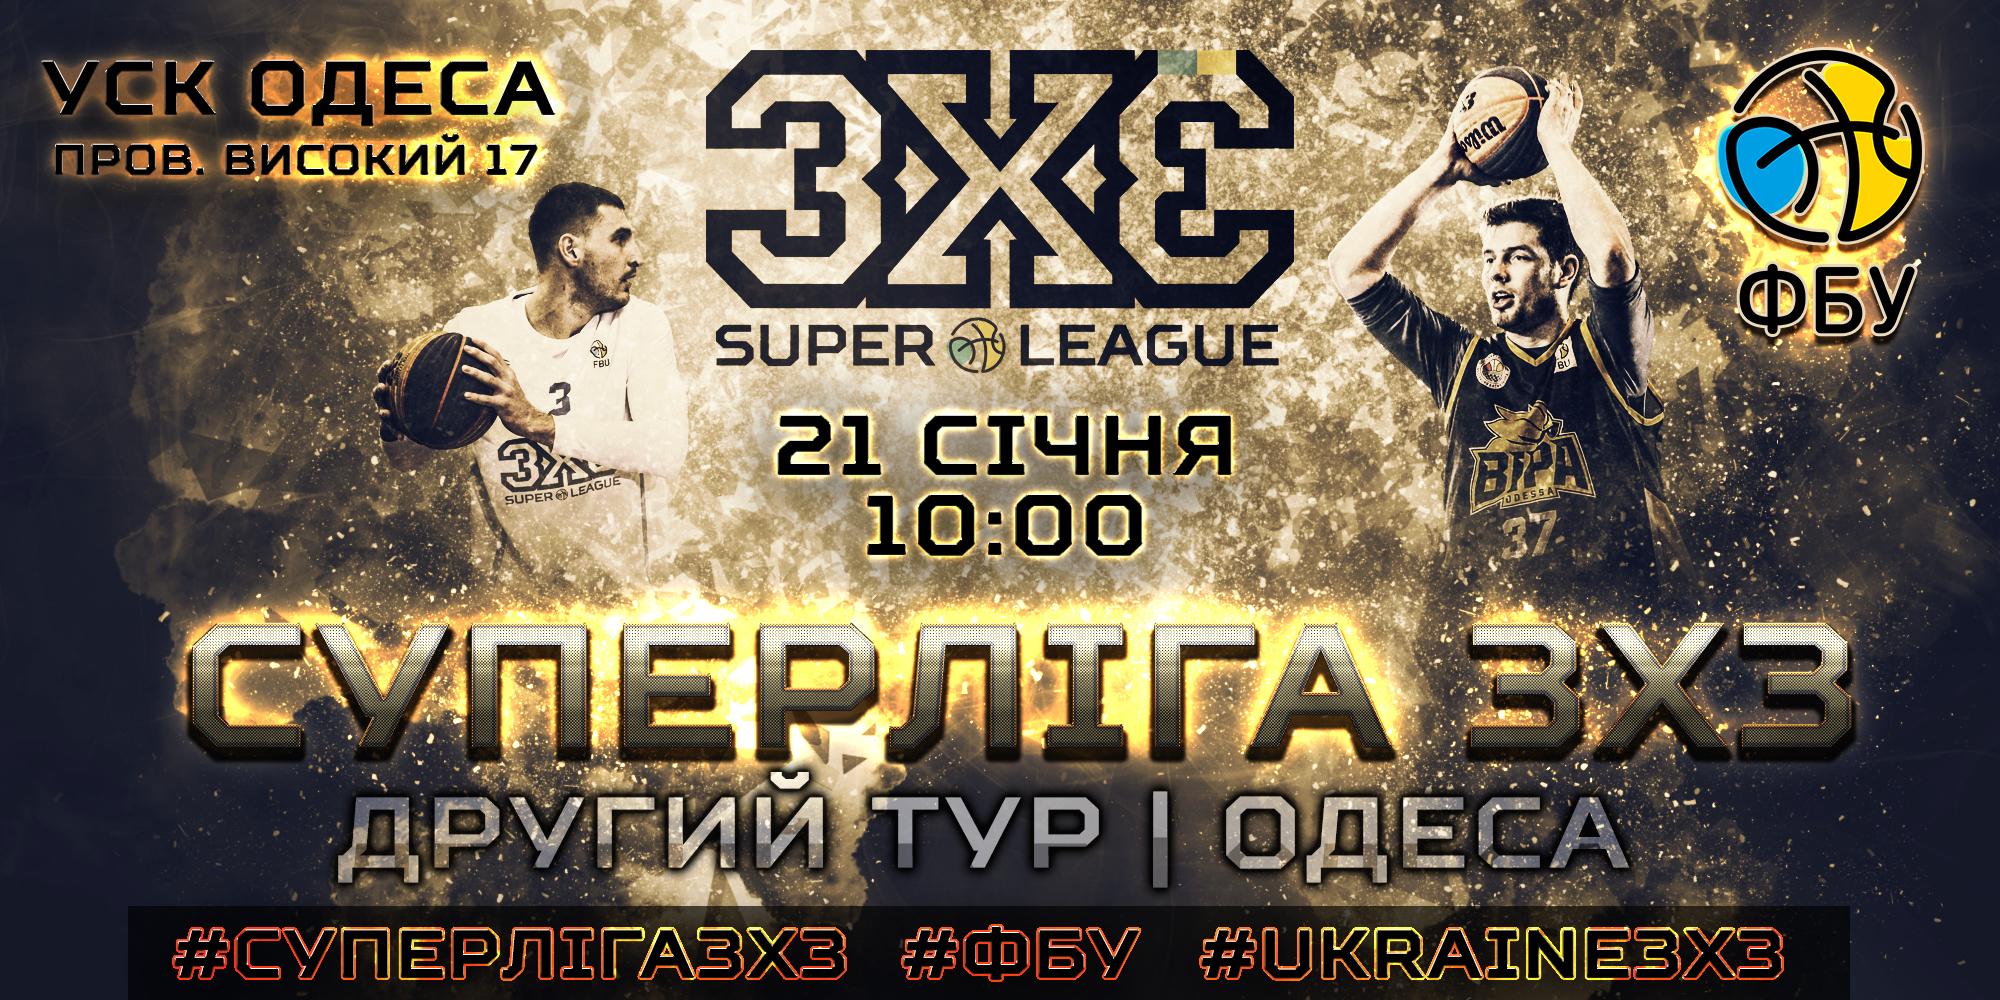 21 січня в Одесі пройде другий тур Суперліги 3х3